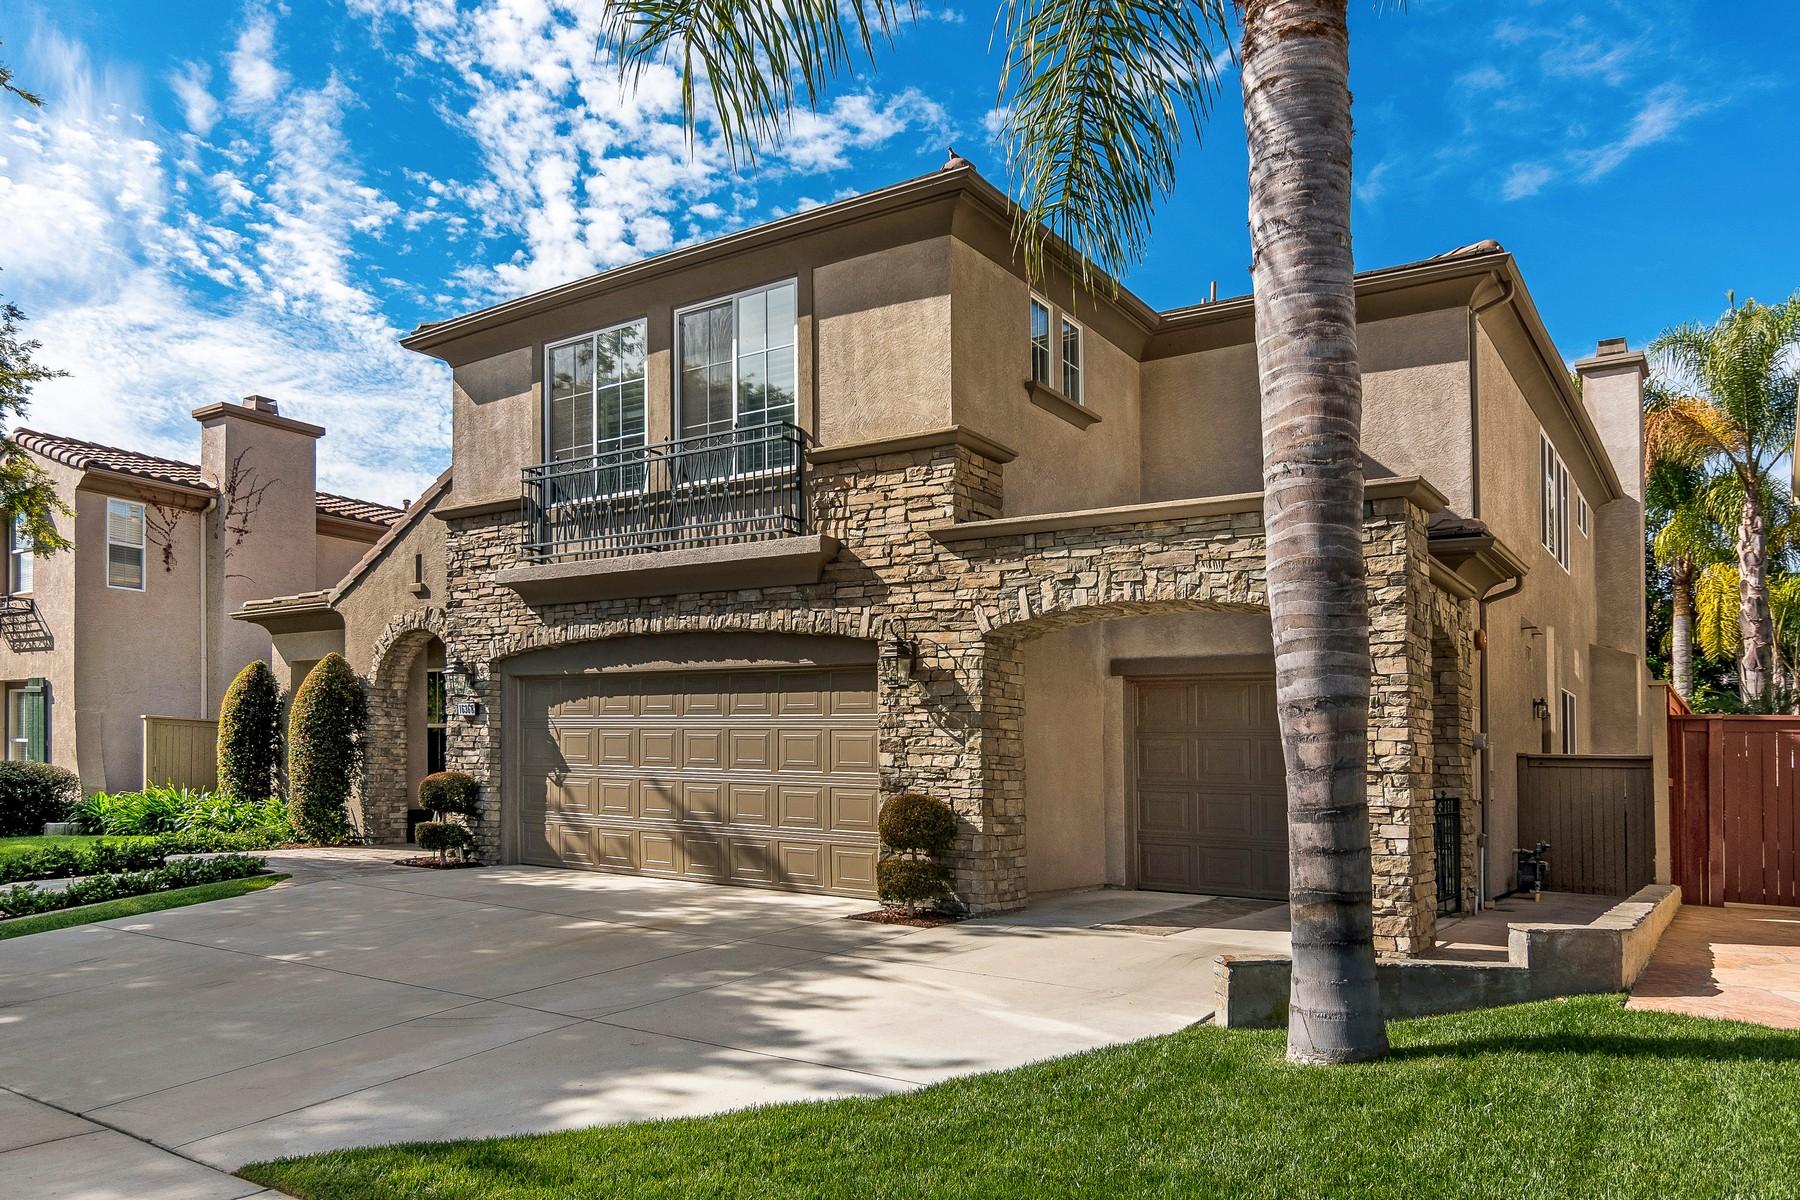 一戸建て のために 売買 アット 16368 Pinto Ridge 16368 Pinto Ridge Drive, San Diego, カリフォルニア, 92127 アメリカ合衆国